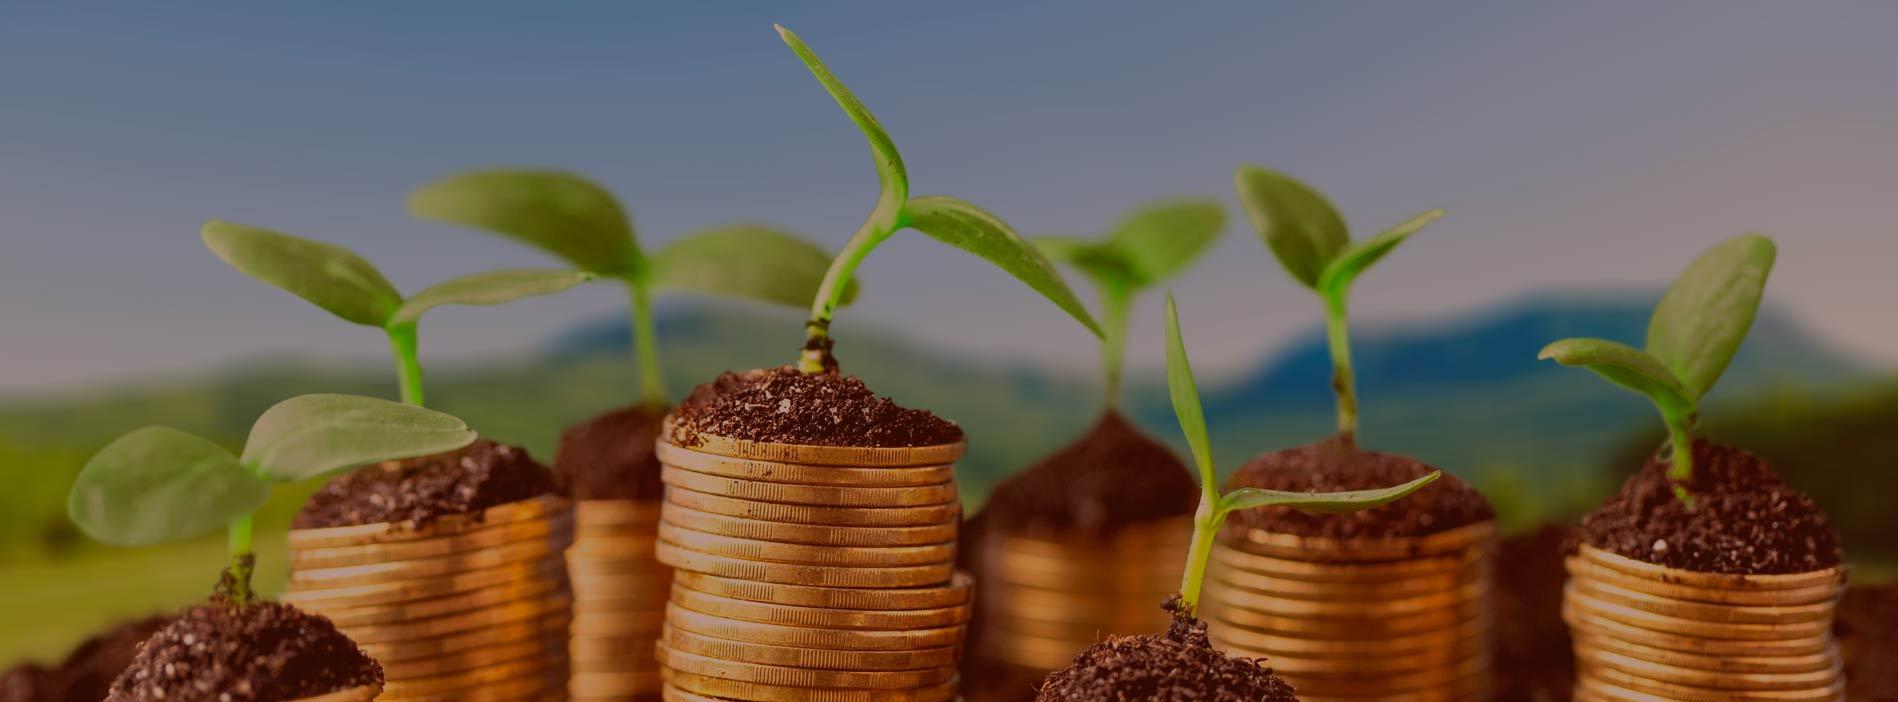 Государственная поддержка<br> малого и среднего предпринимательства<br> в Чеченской Республике